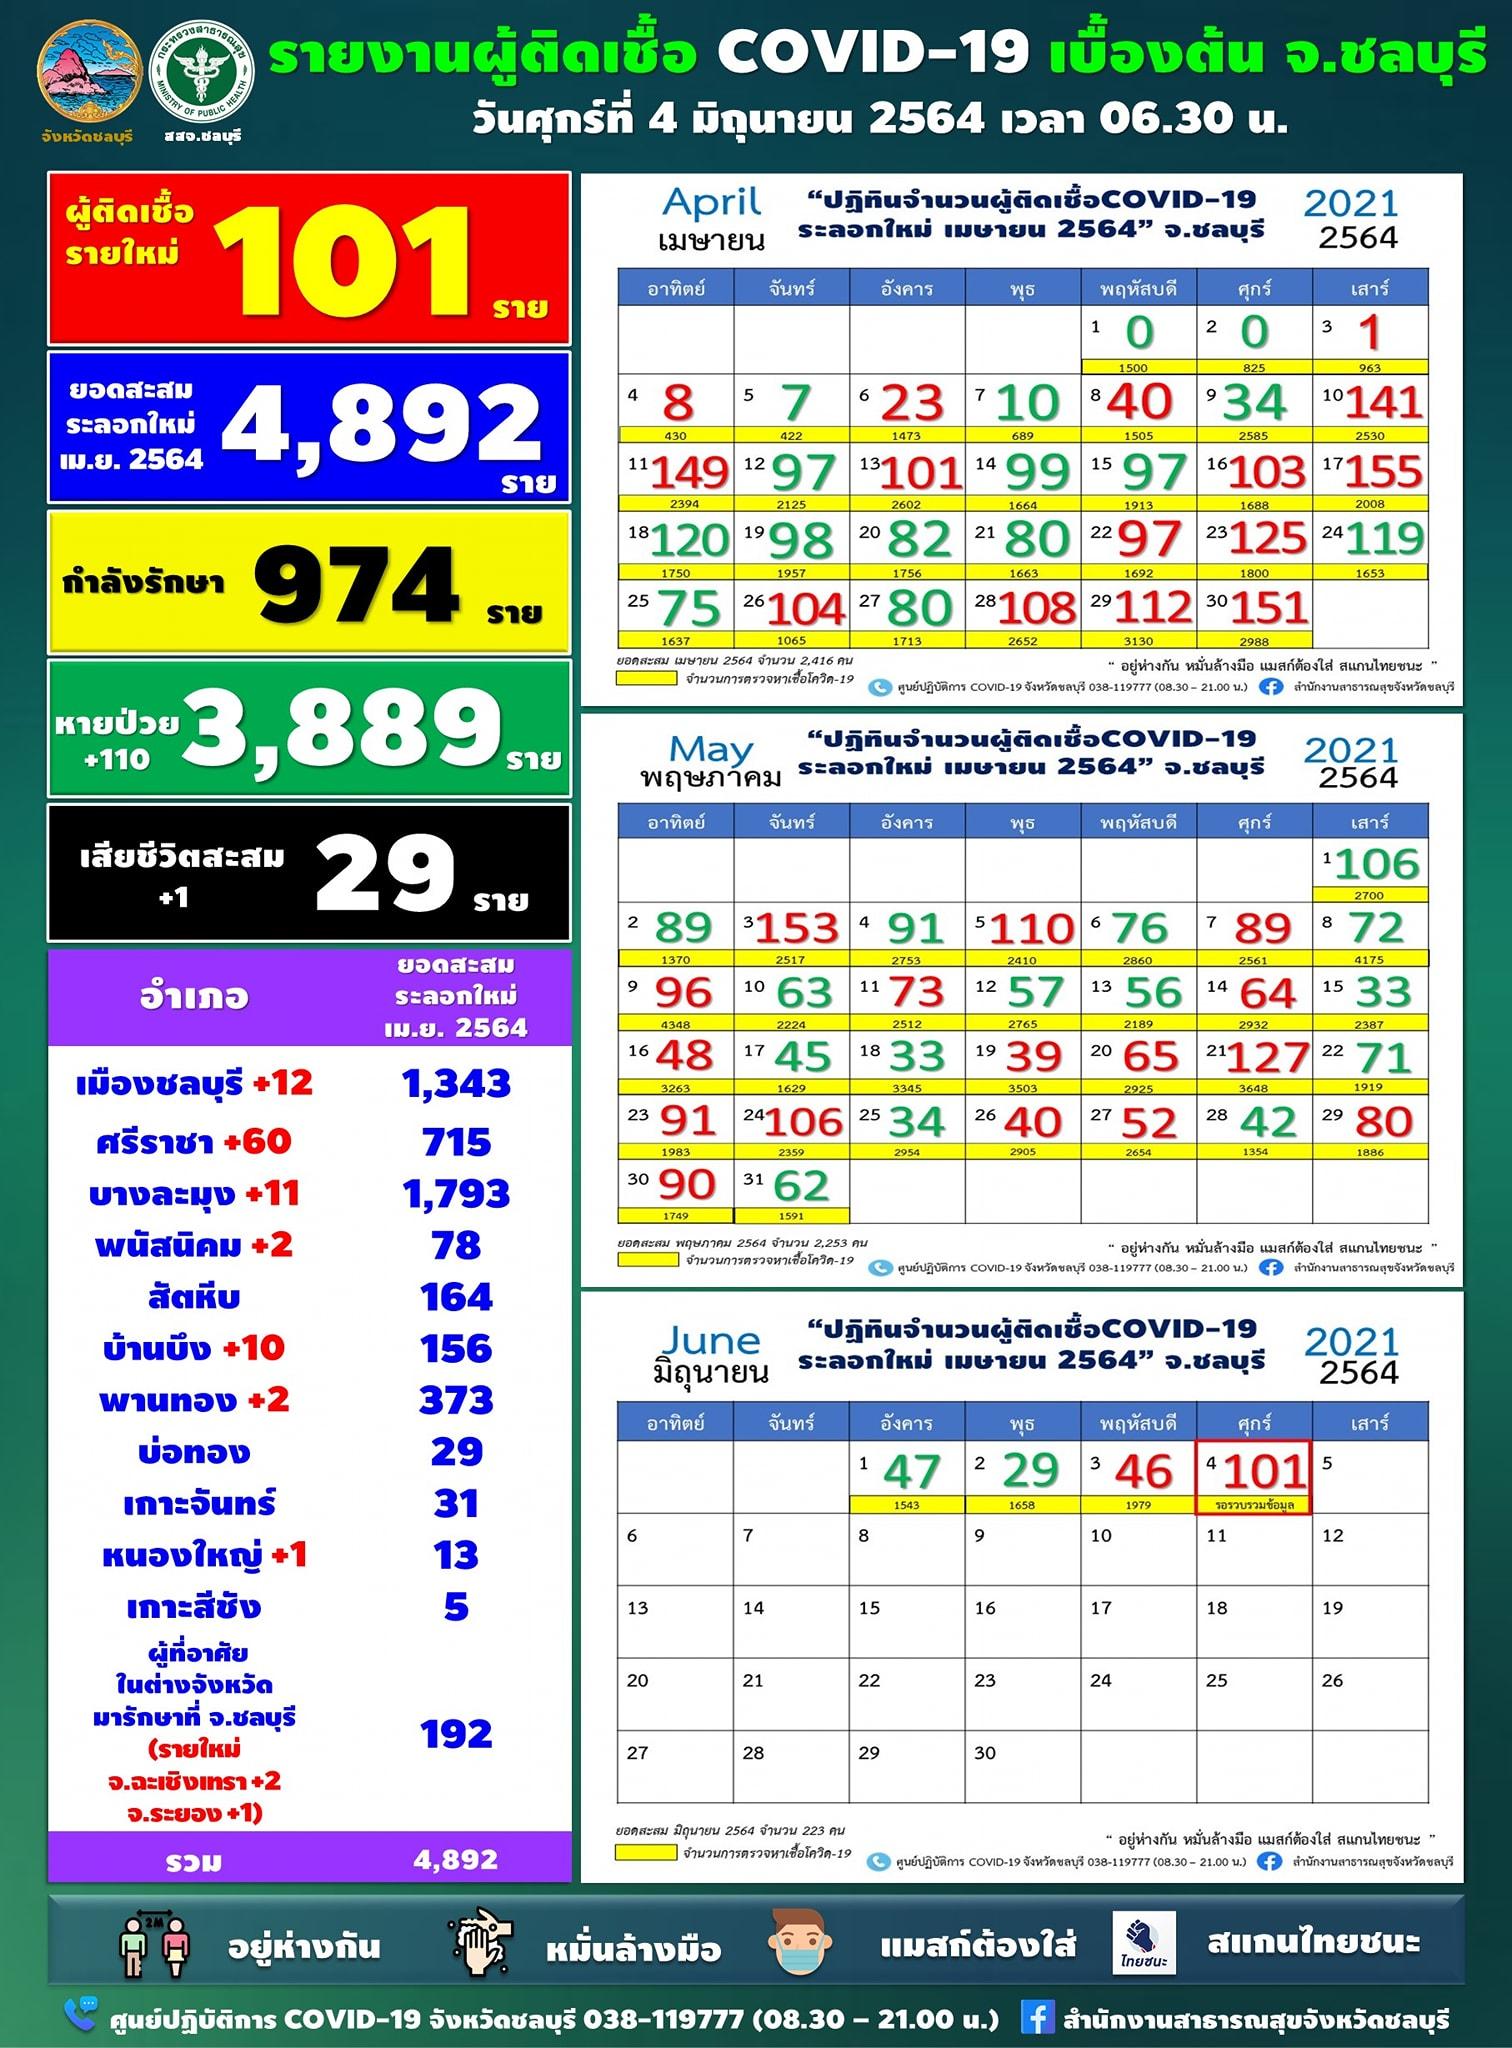 チョンブリ県で101人陽性、シラチャの企業のクラスターで49人陽性[2021年6月4日発表]